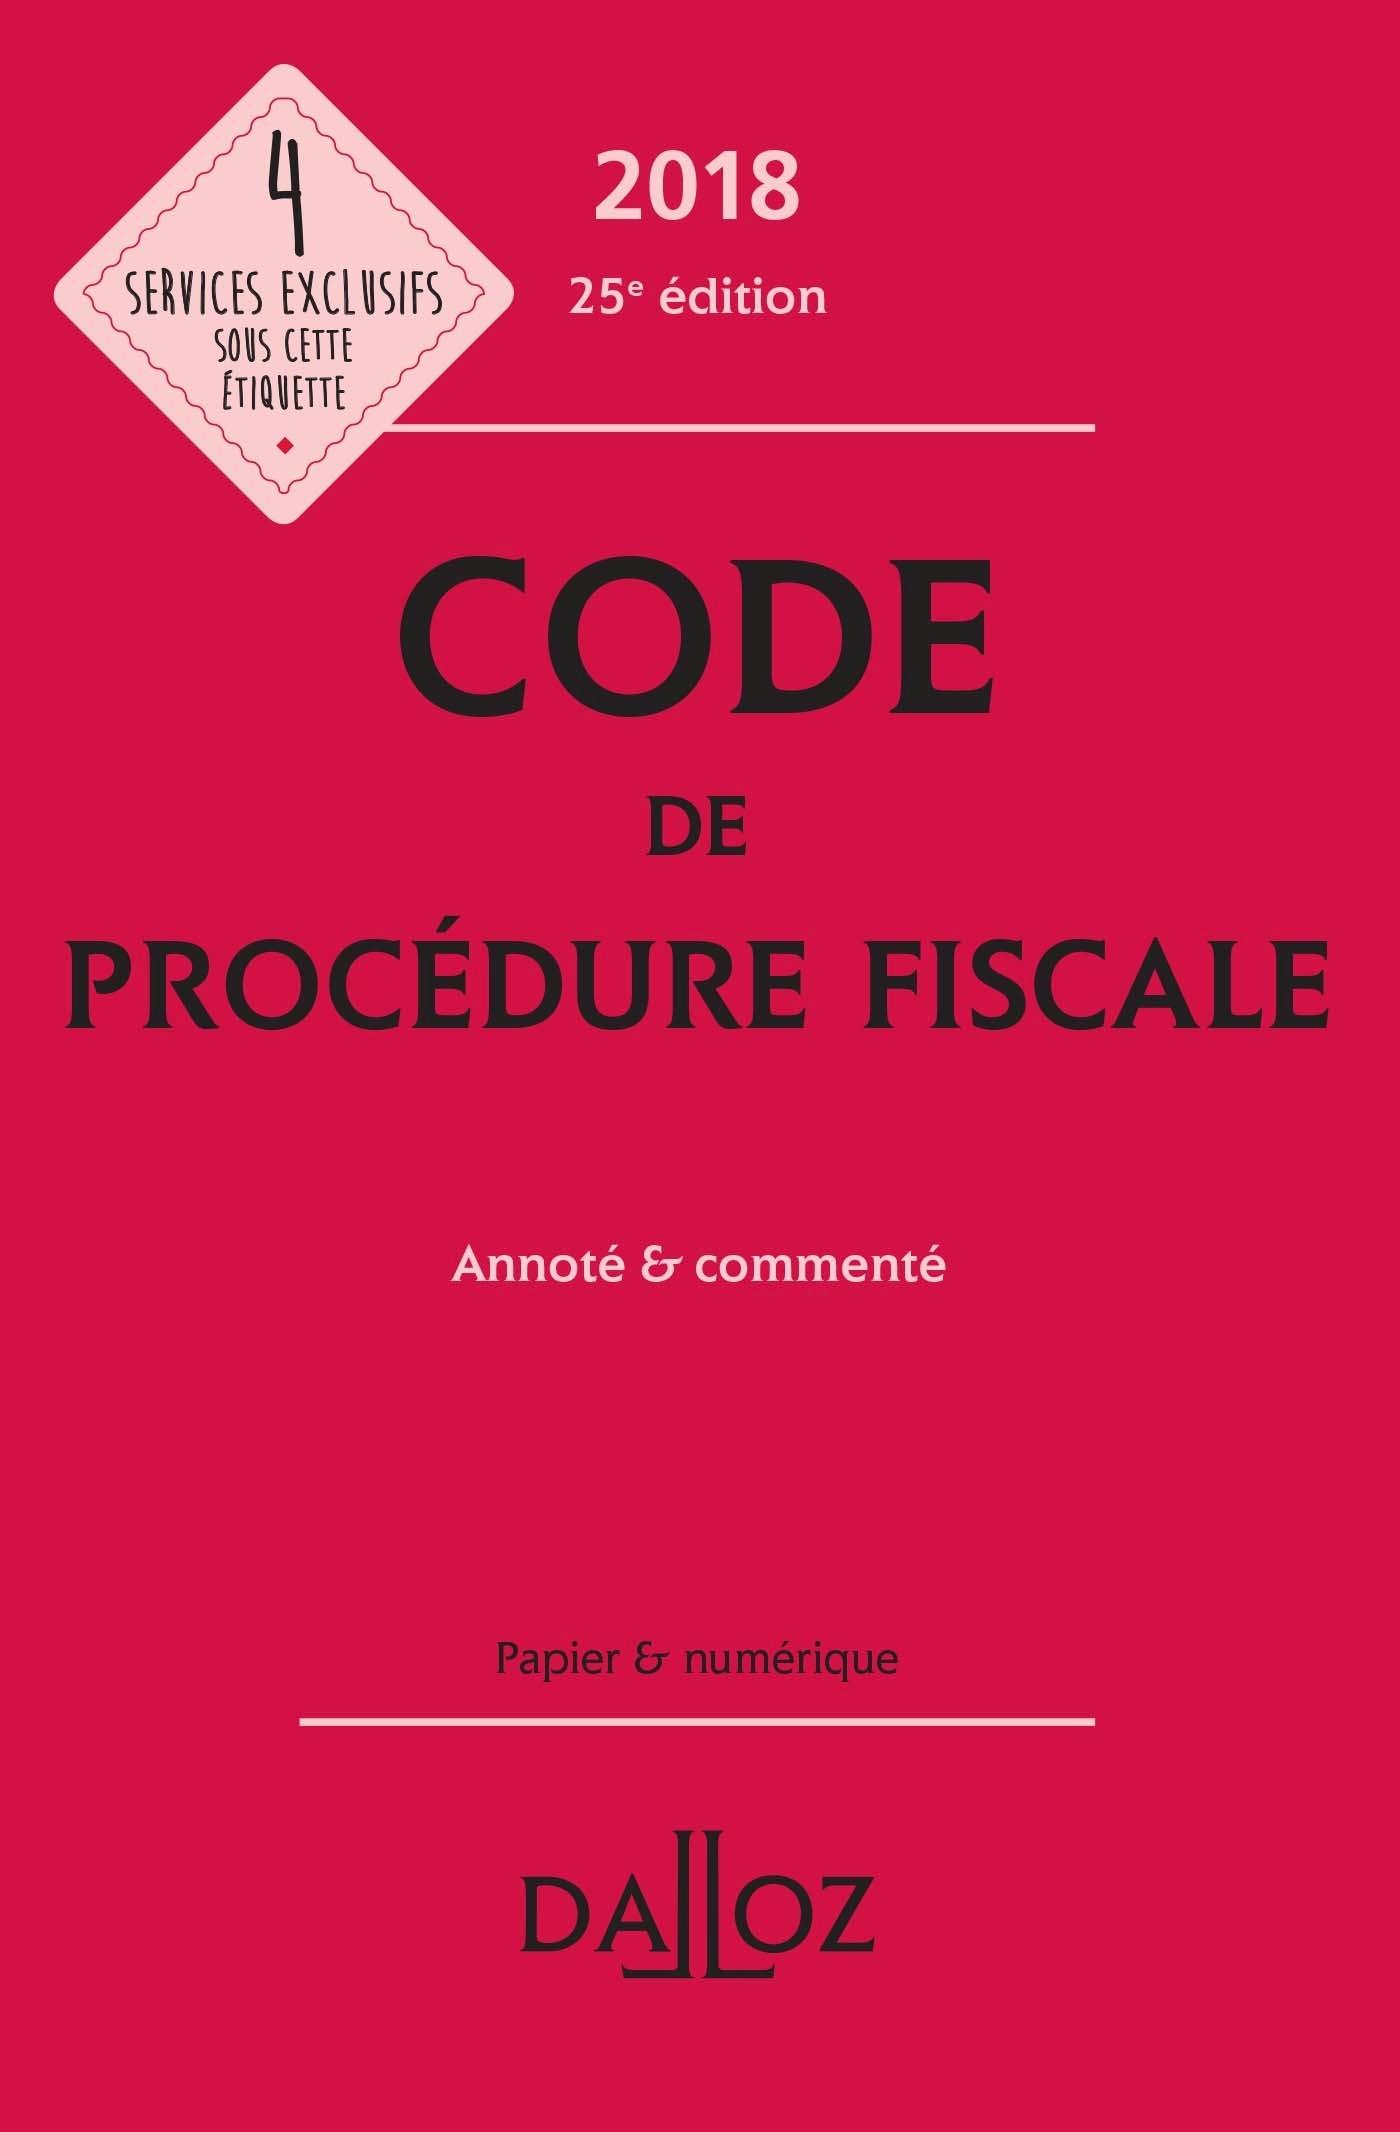 CODE DE PROCEDURE FISCALE 2018, ANNOTE ET COMMENTE - 25E ED.